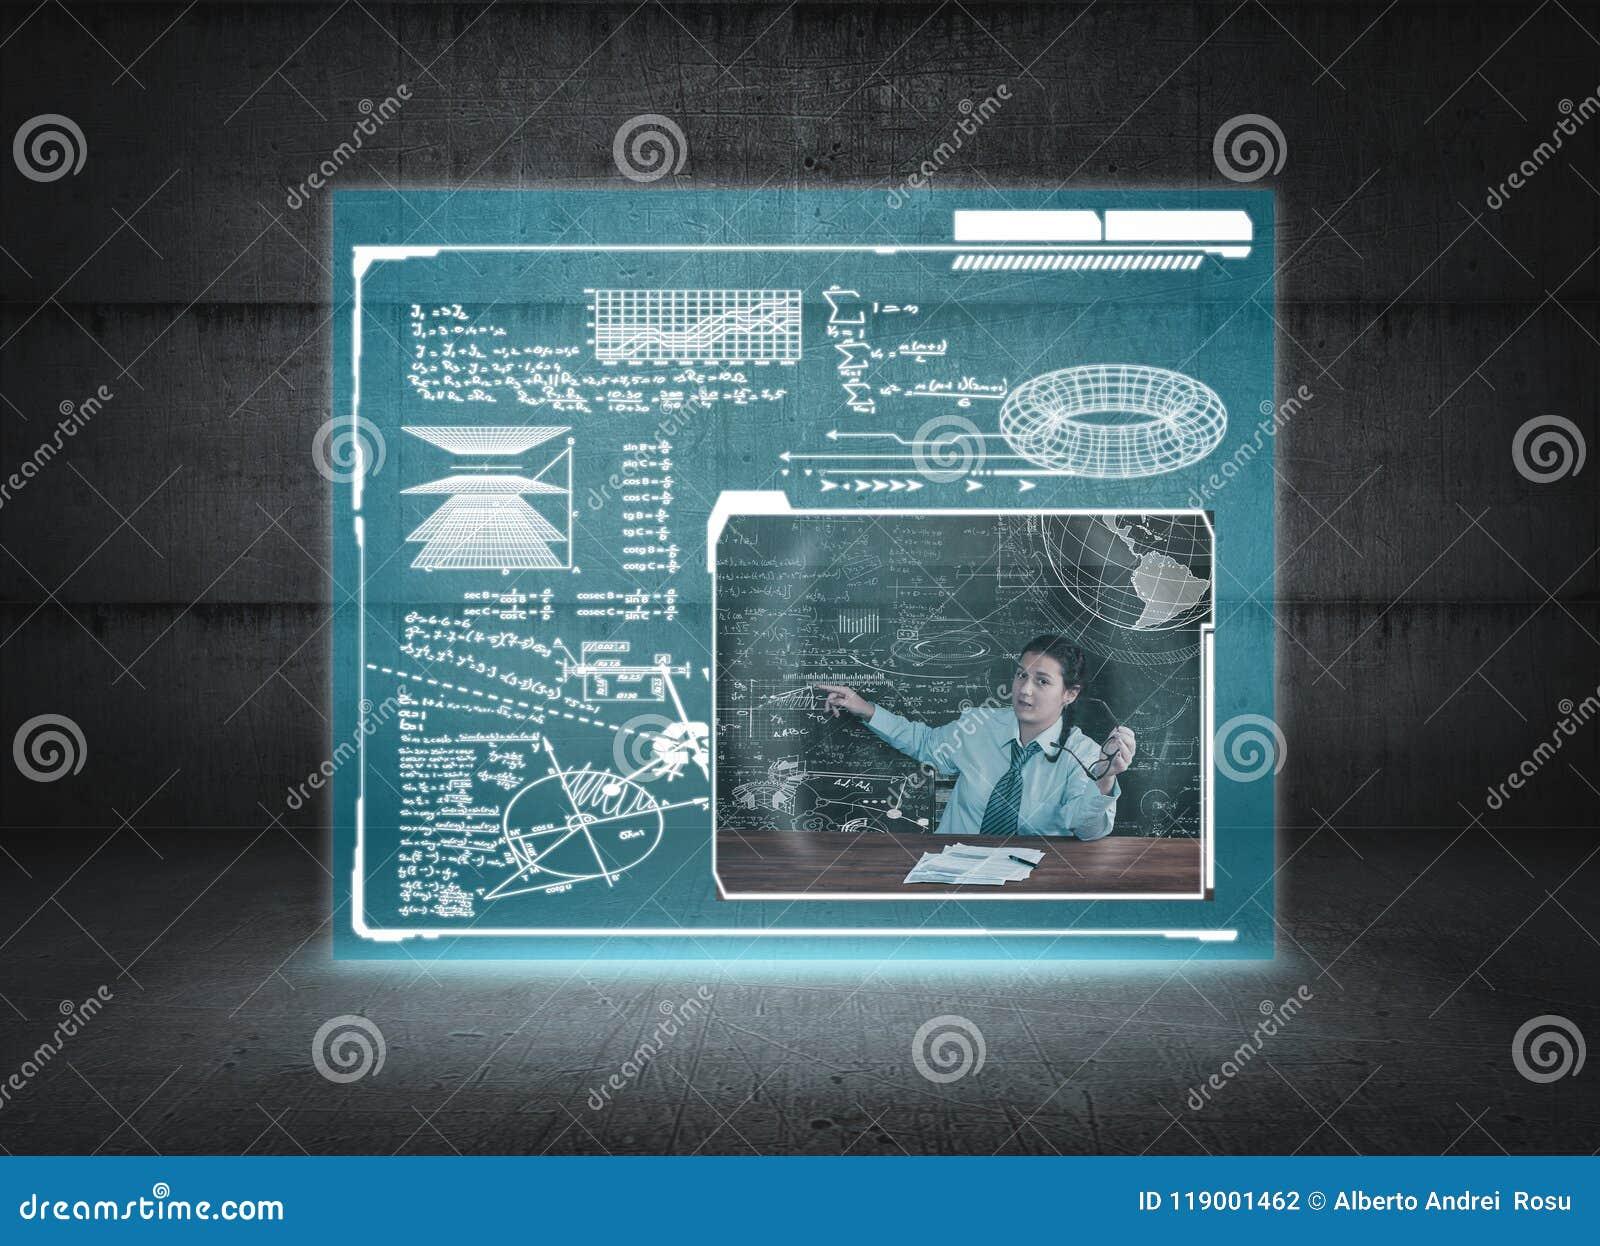 Corso online Il concetto del corso online